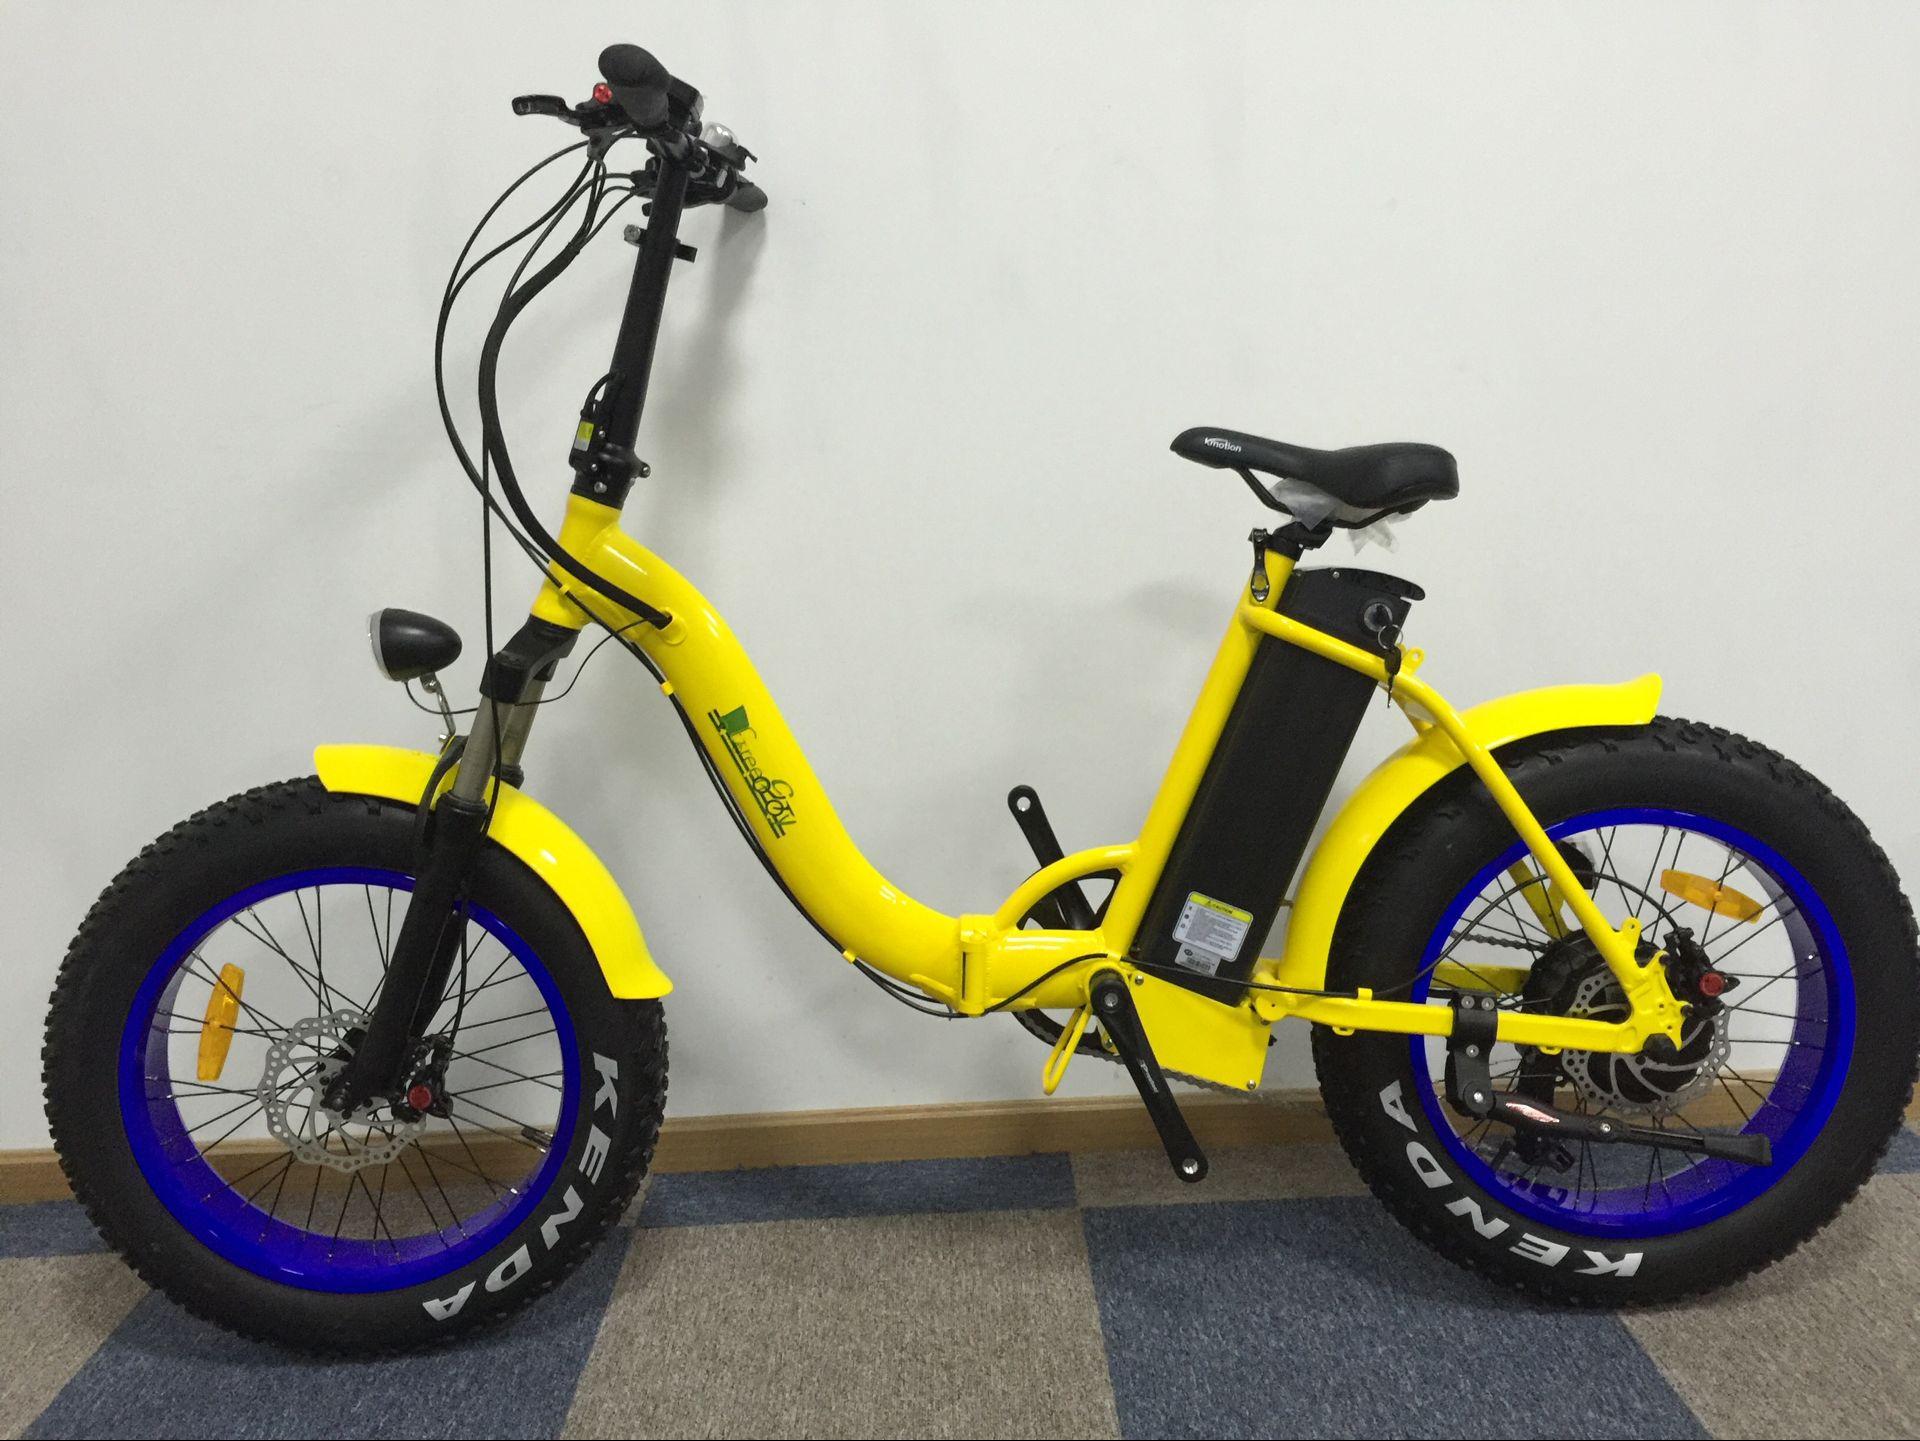 Bici elettrica a pedalata assistita modello cup greenbike for Bici elettrica assistita